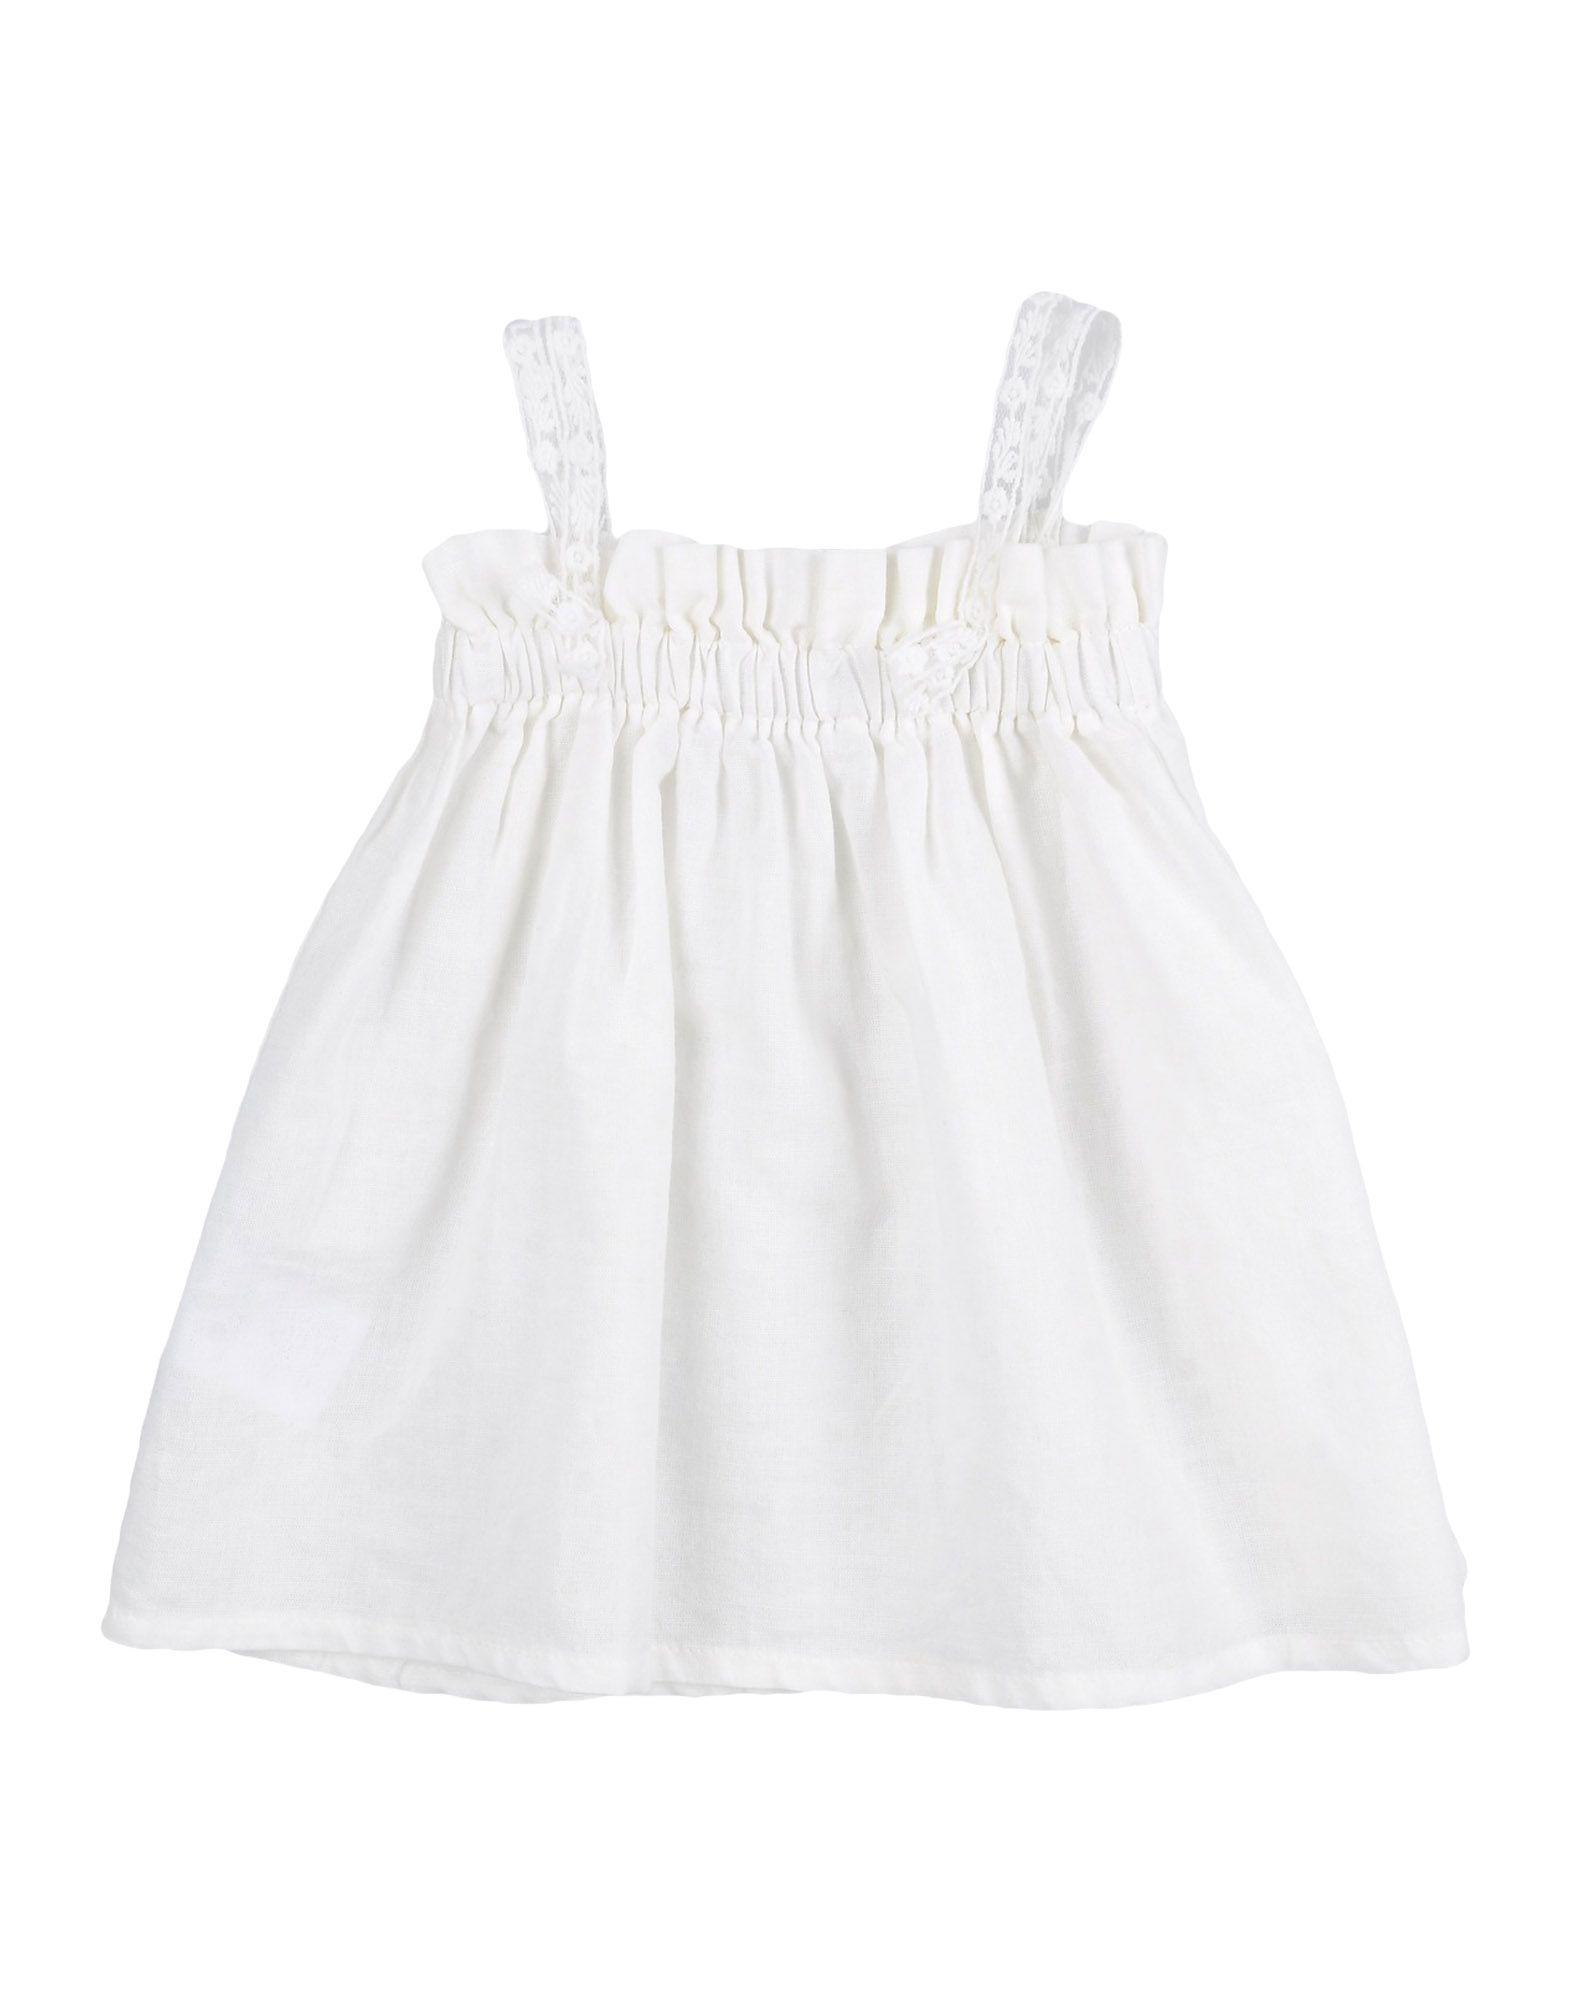 OPILILAI Mädchen 0-24 monate Kleid Farbe Beige Größe 4